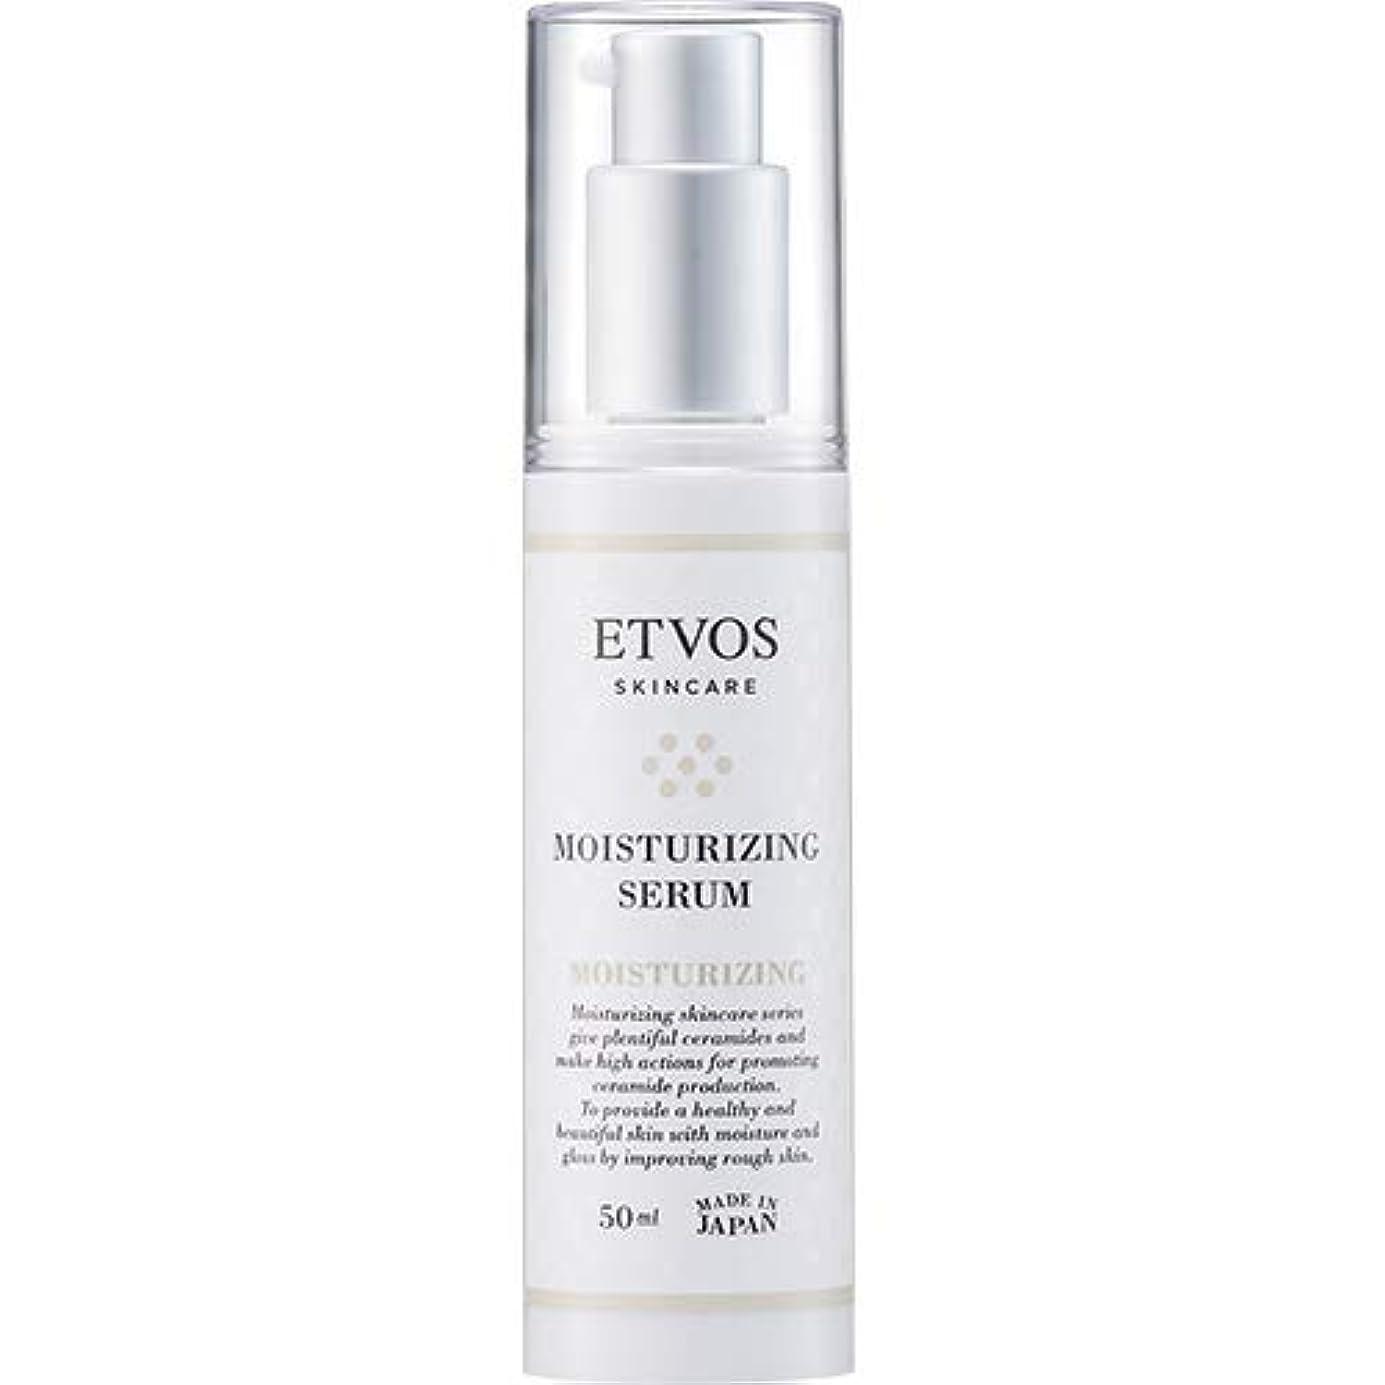 可動腐食するモールス信号ETVOS(エトヴォス) 保湿美容液 モイスチャライジングセラム 50ml ヒト型セラミド配合 乾燥肌/敏感肌 乳液